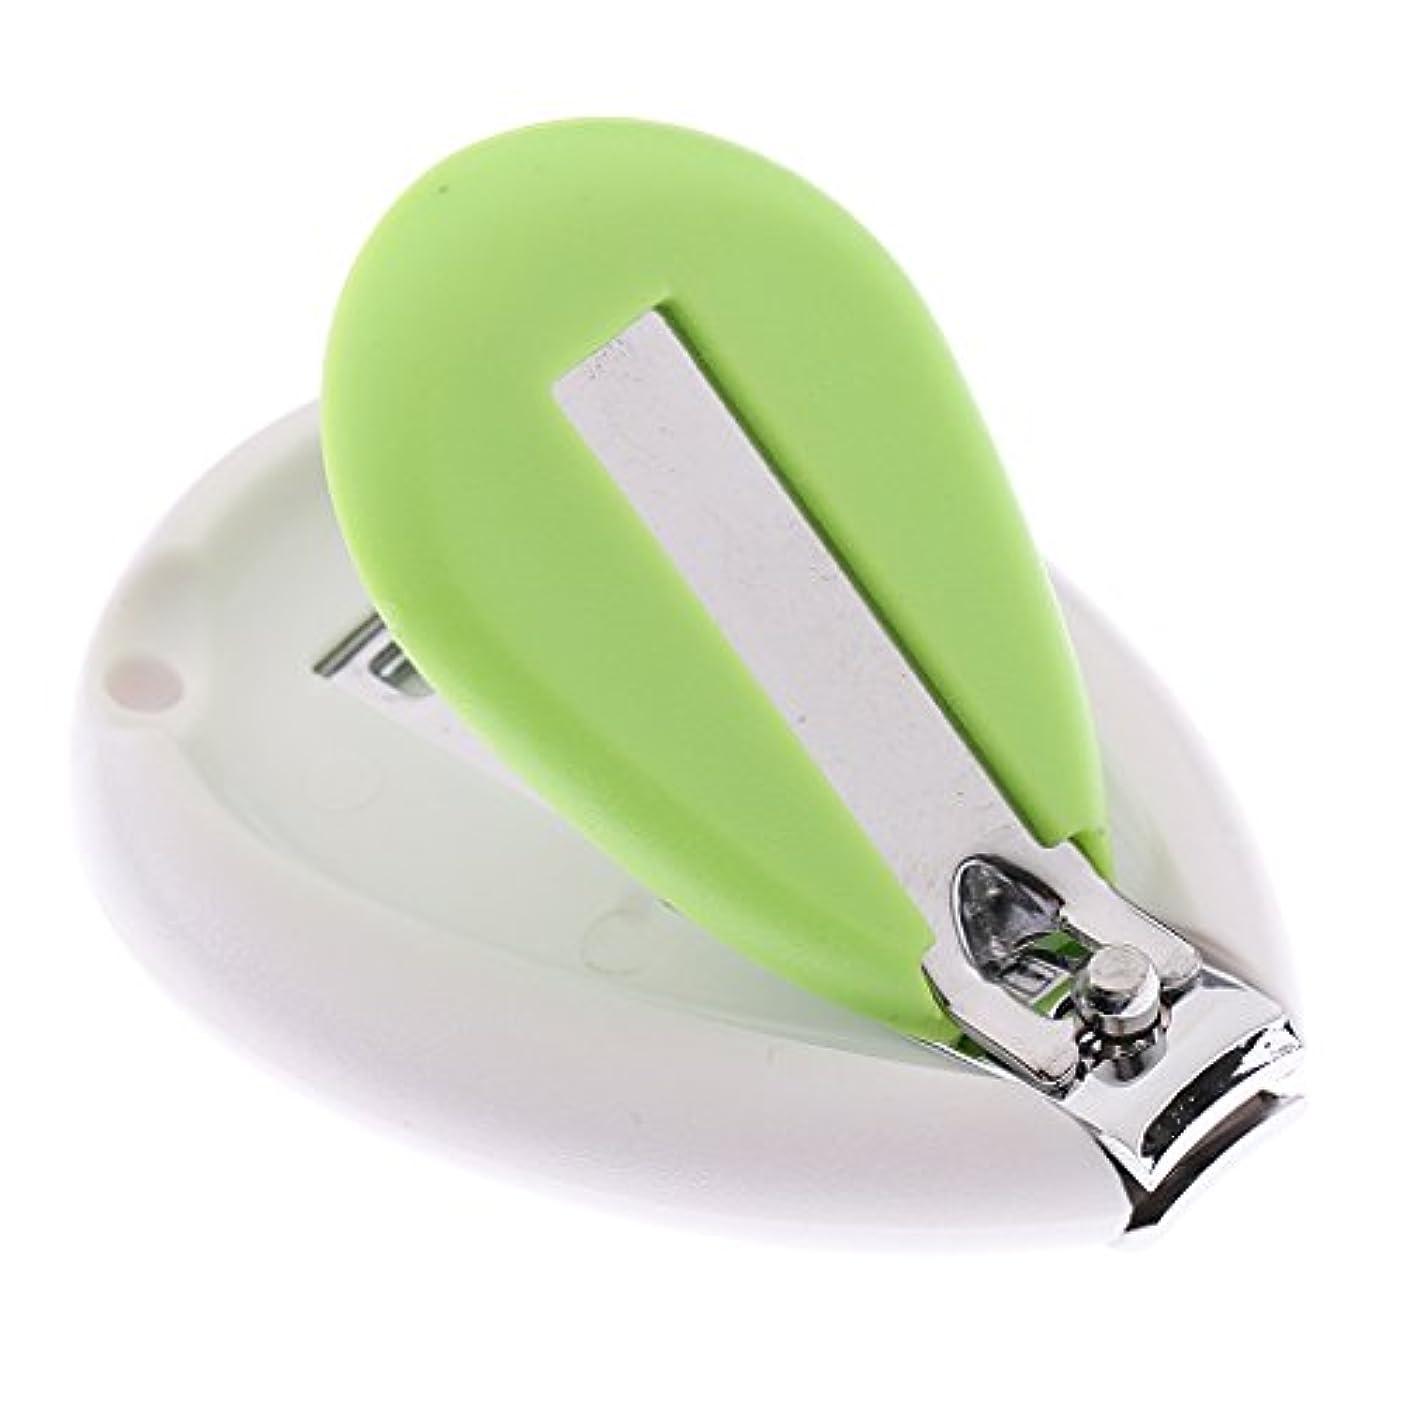 未就学ビットイディオムキッズ 赤ちゃん ネイル クリッパー はさみ トリマー カッター 安全 人間工学 全3色 - 緑